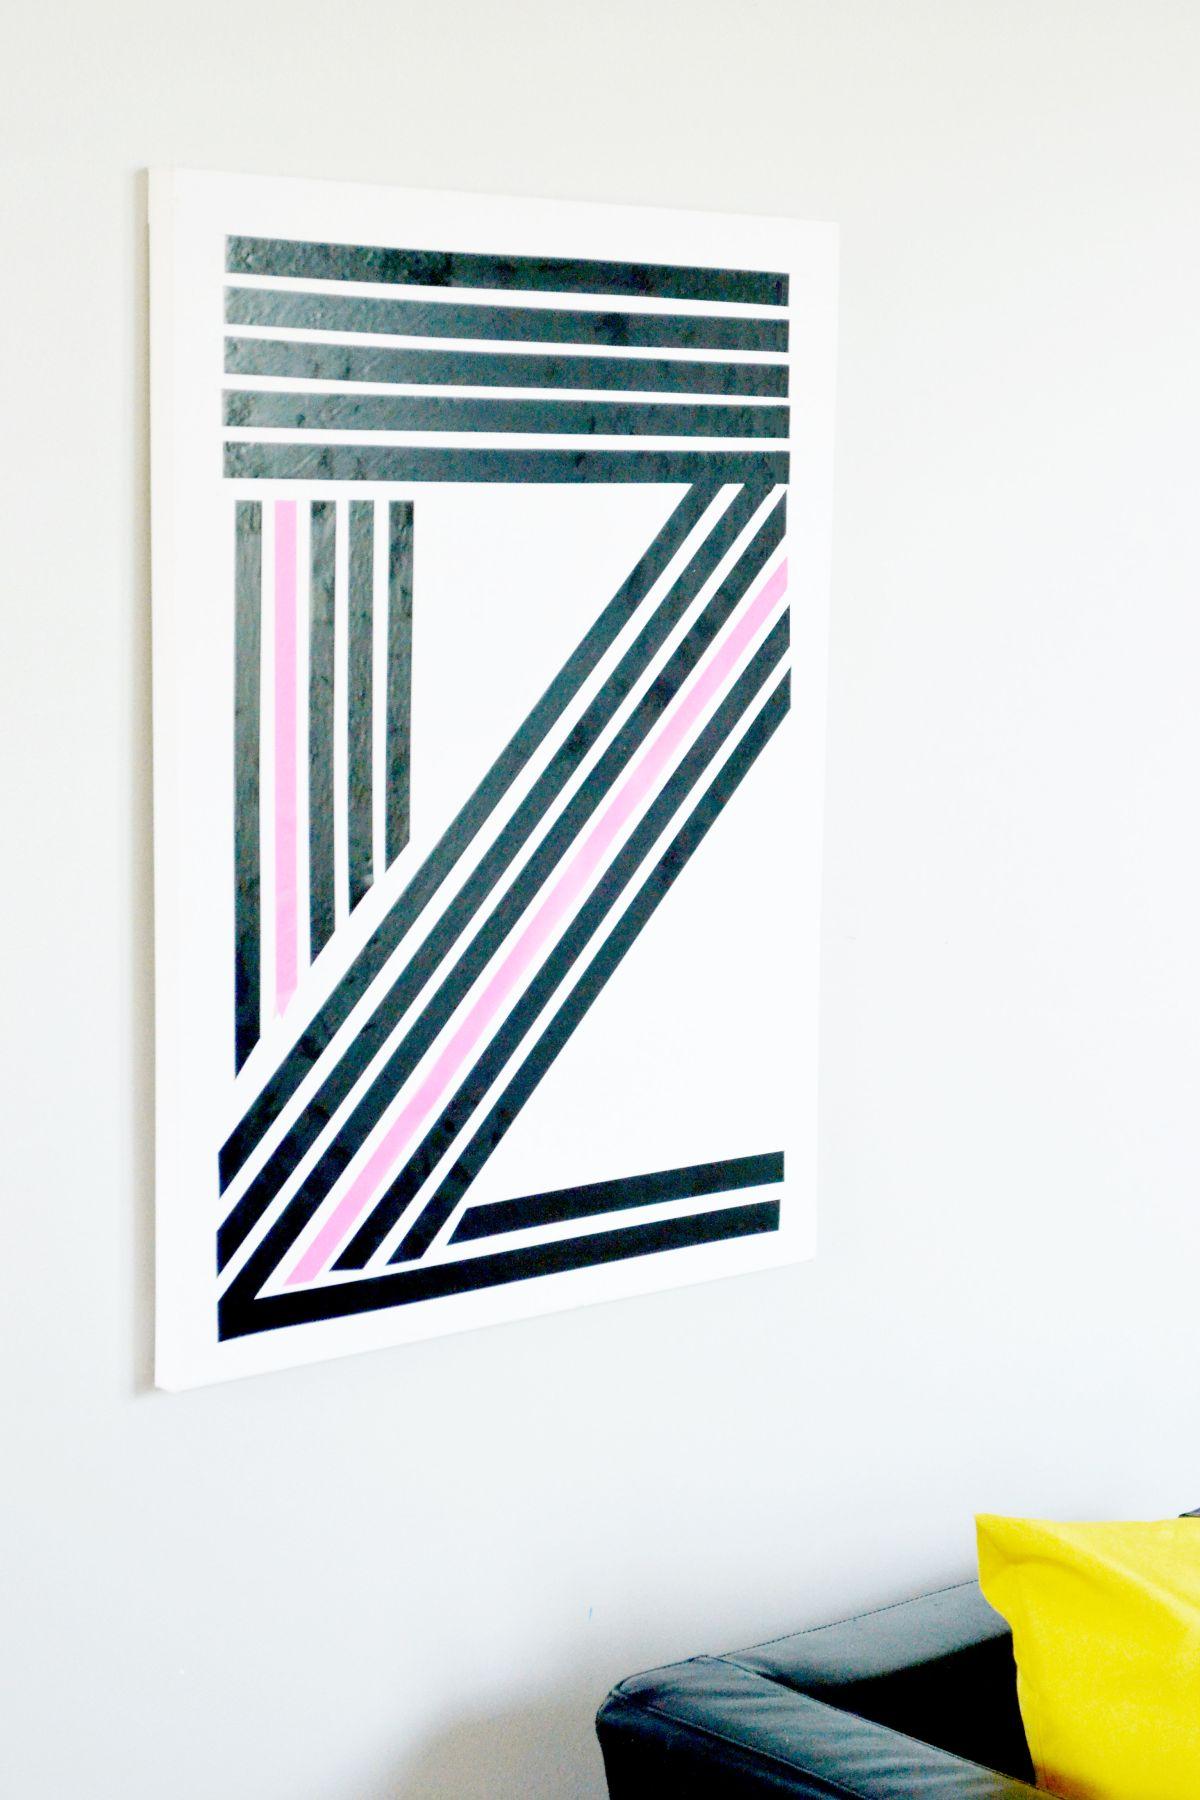 Washi tape linear art